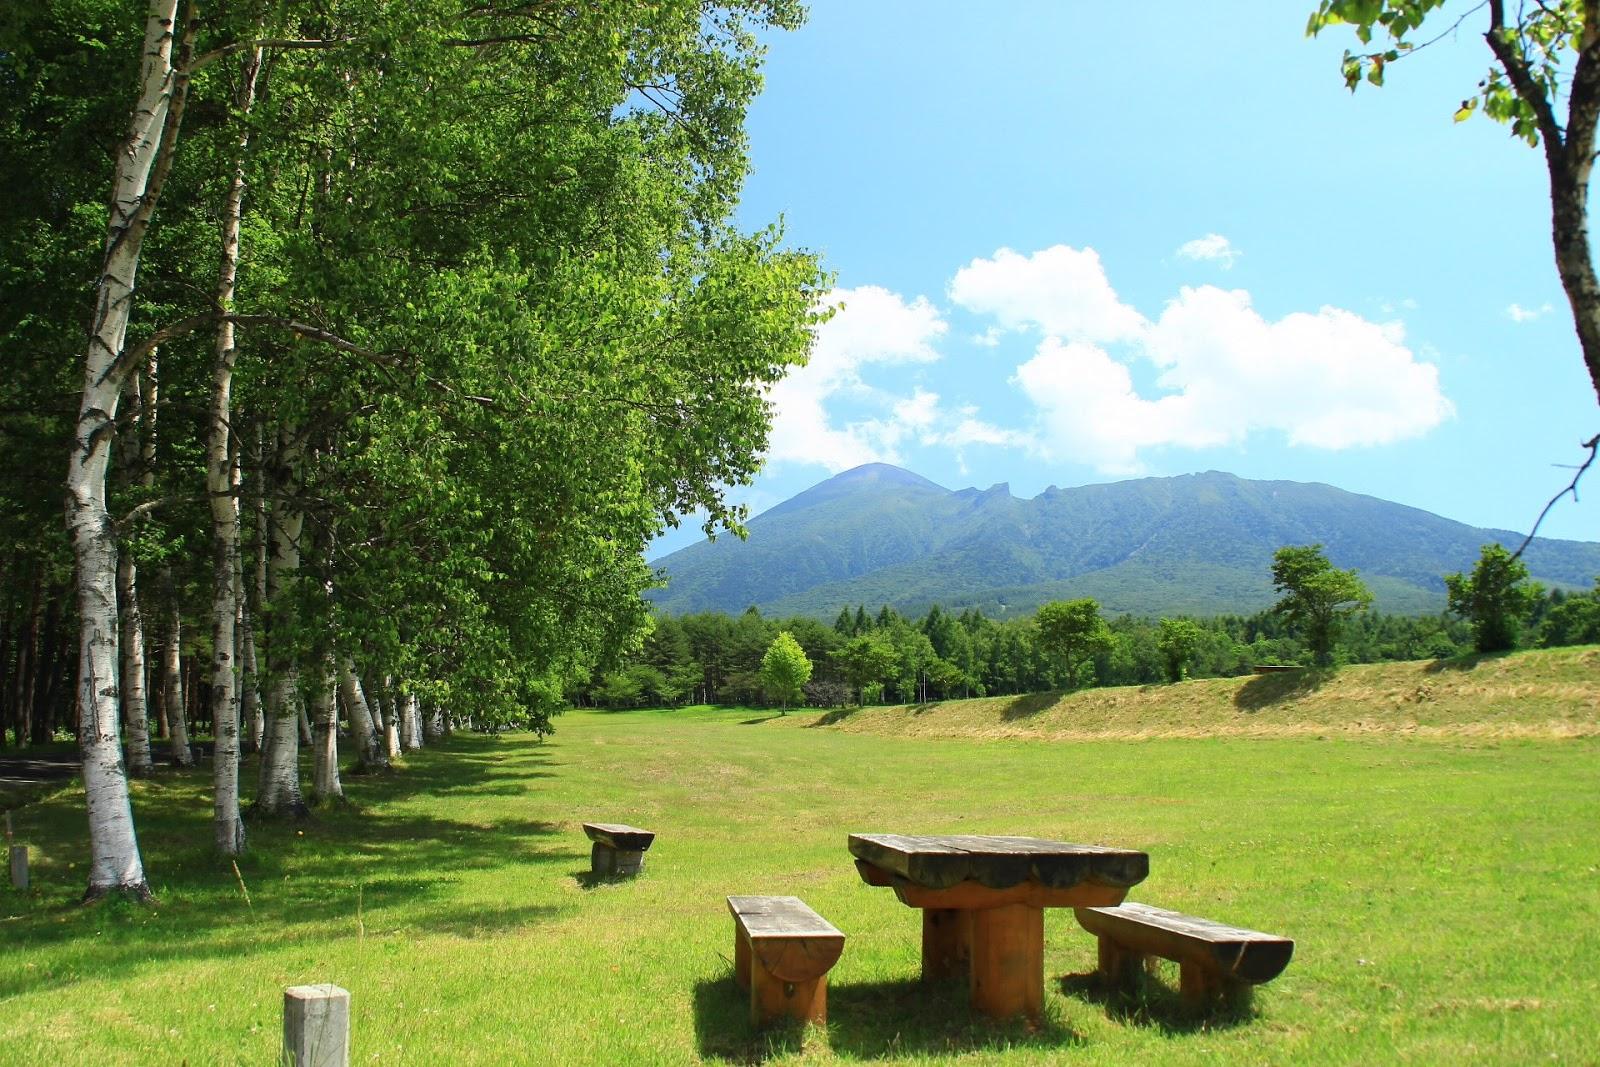 Imagenes De Fondo Paisajes: BANCO DE IMÁGENES: Paisajes Naturales Para Cambiar El